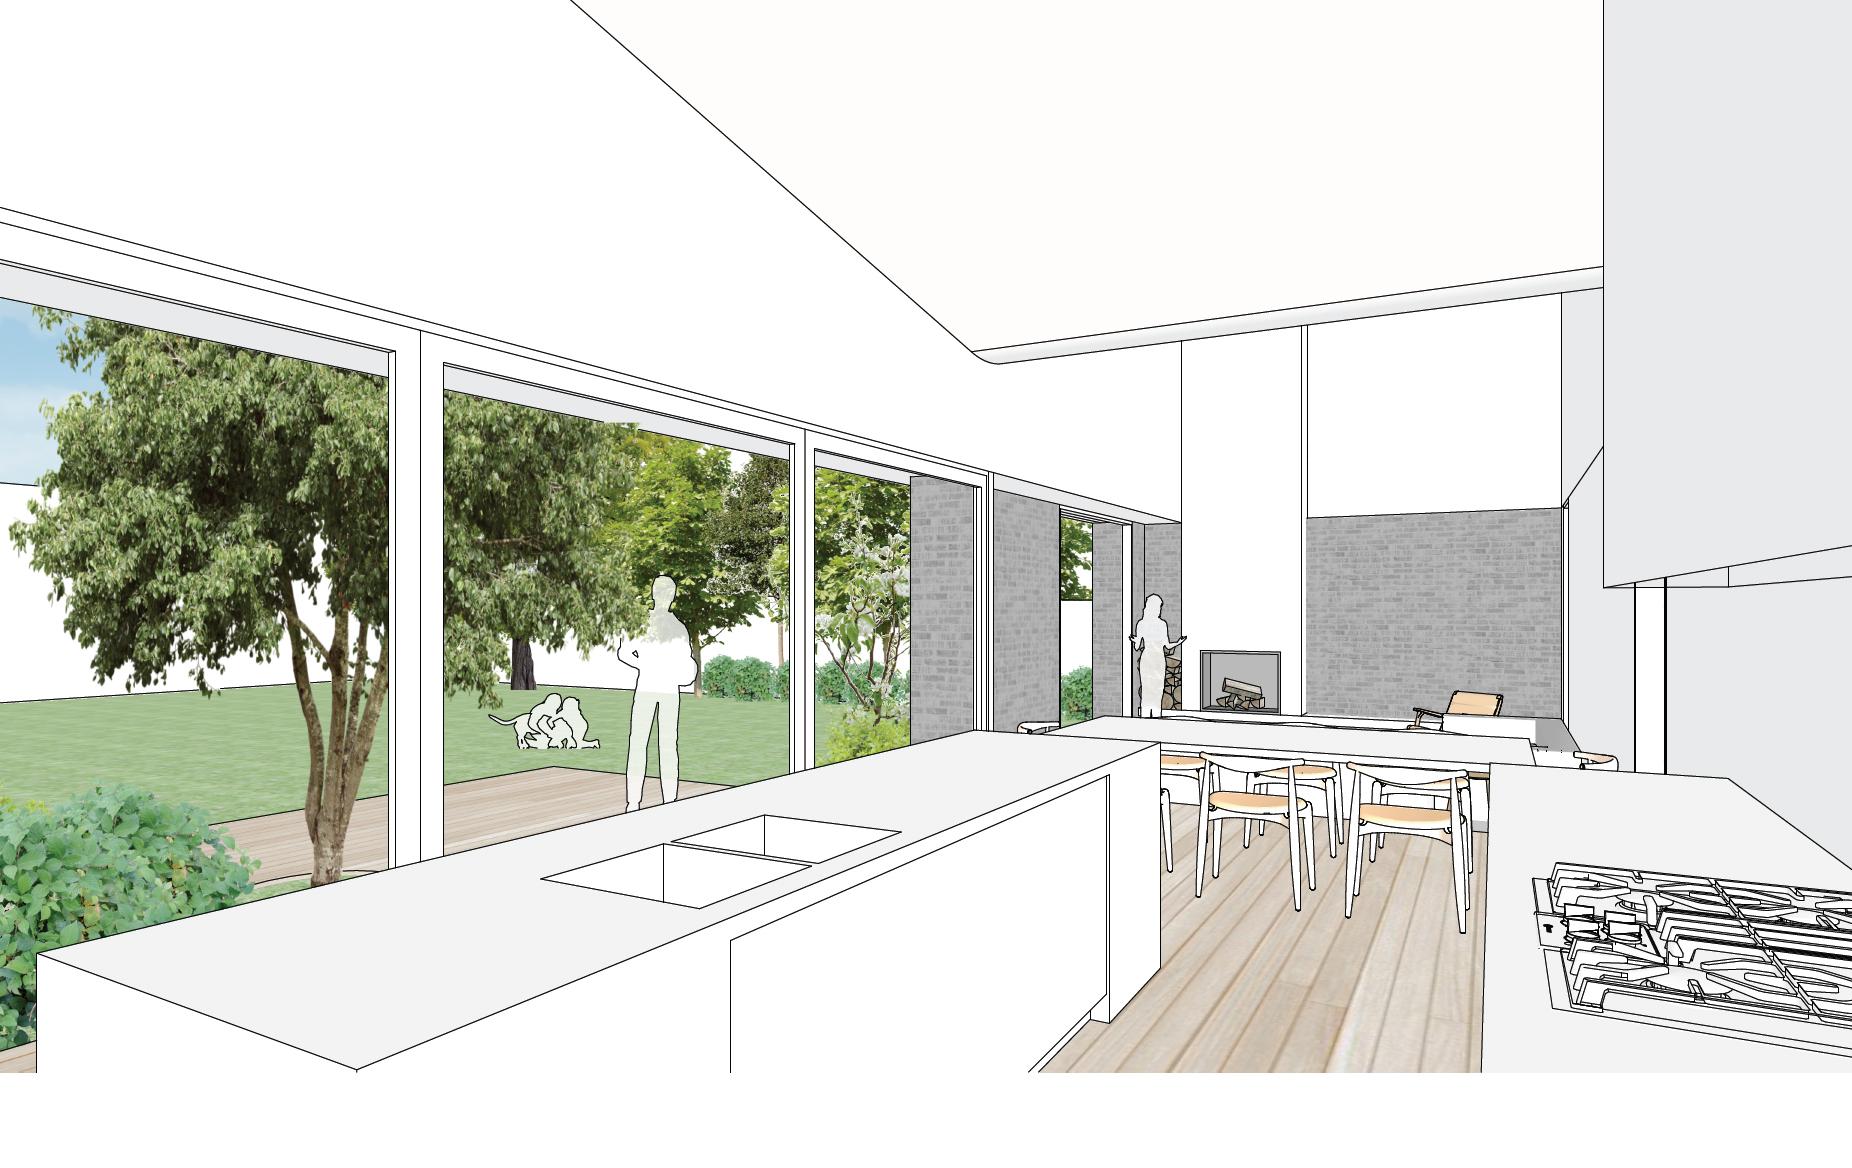 brunswick interior living.jpg